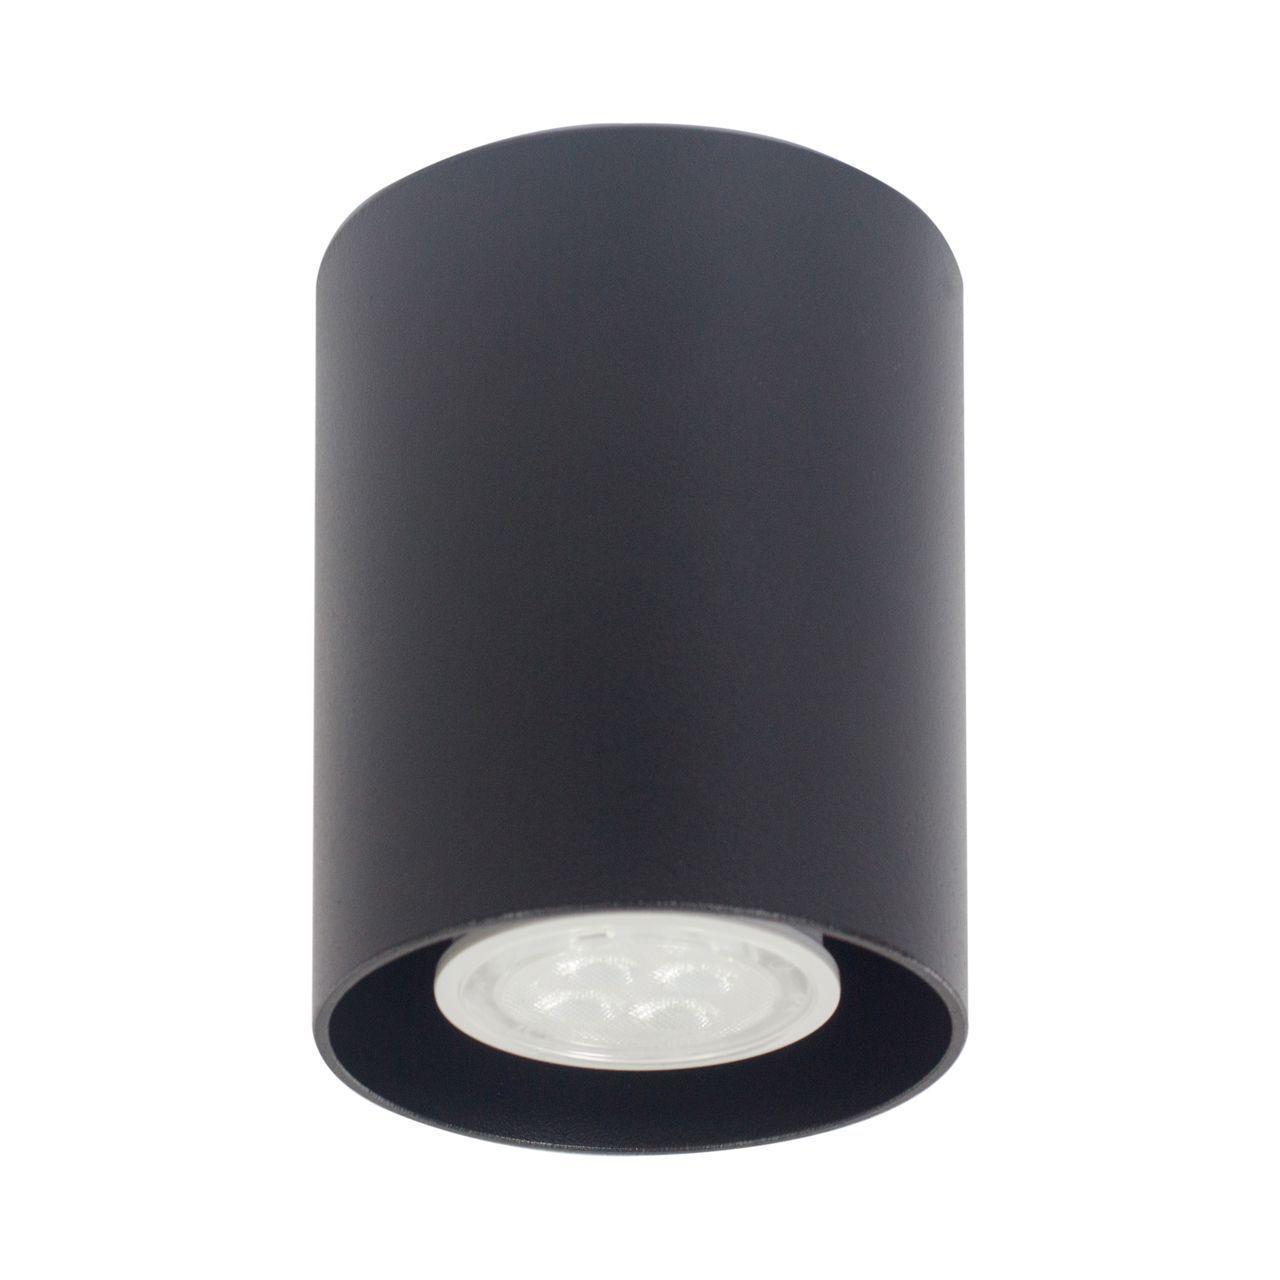 Потолочный светильник АртПром Tubo8 P1 12